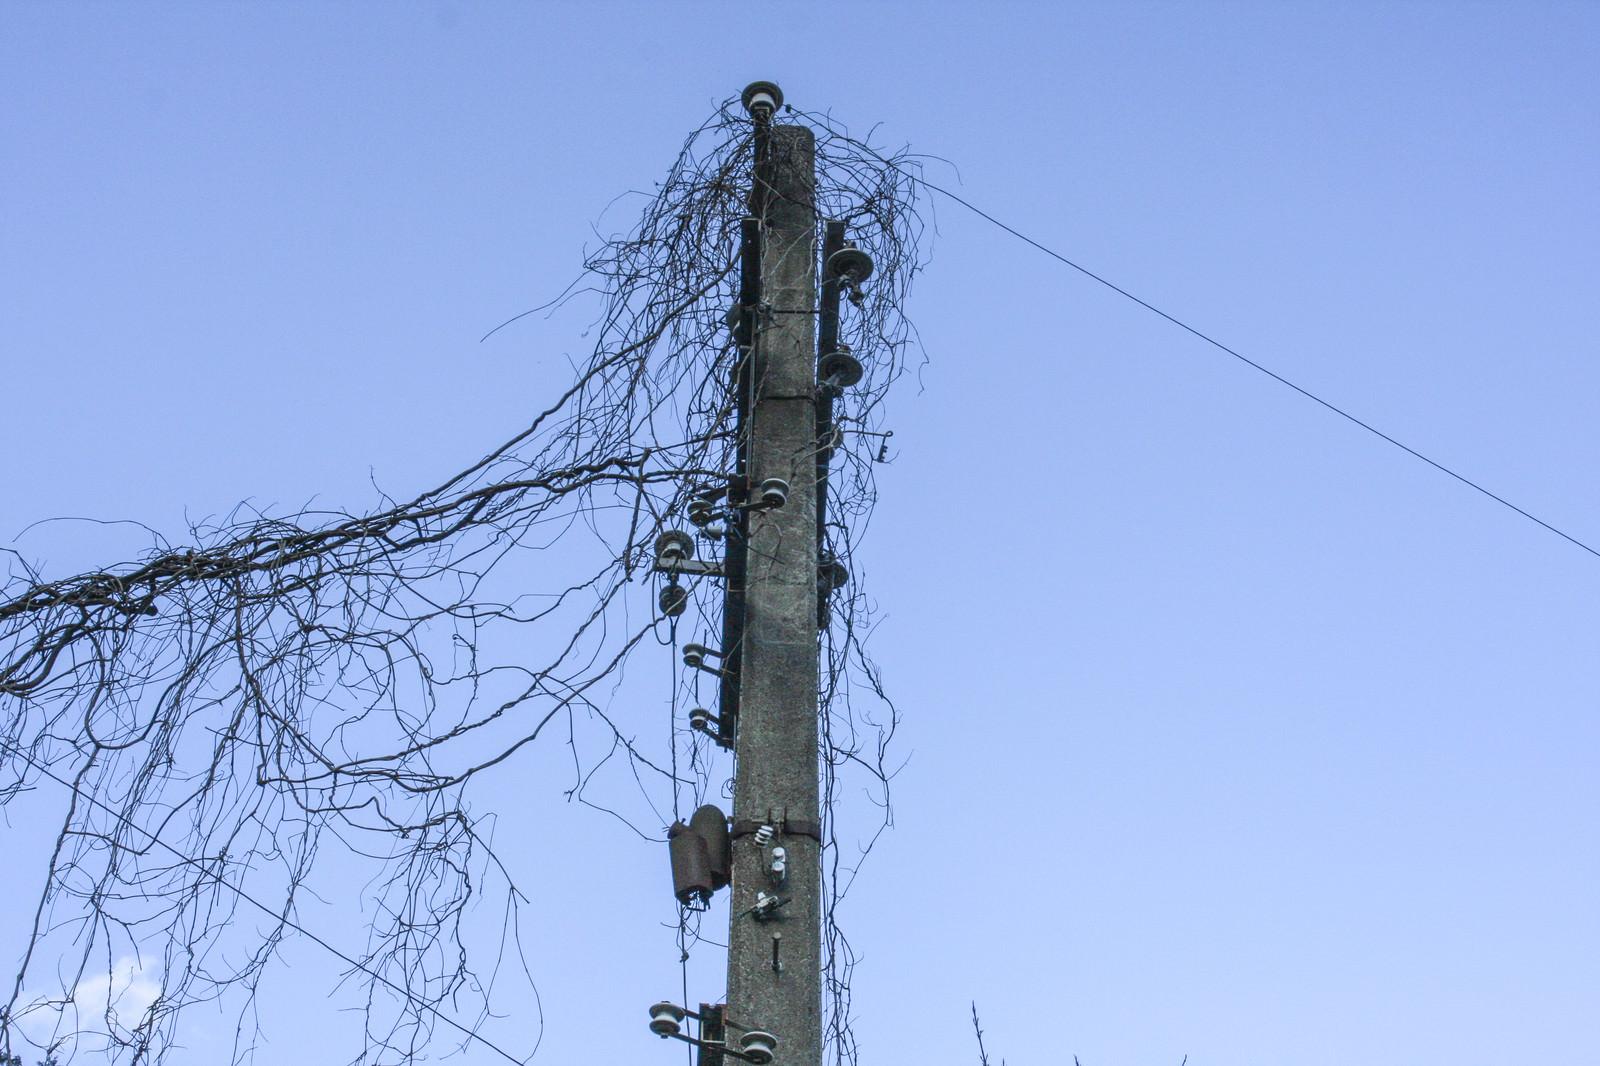 「蔦が絡まった使われていない電柱 | 写真の無料素材・フリー素材 - ぱくたそ」の写真